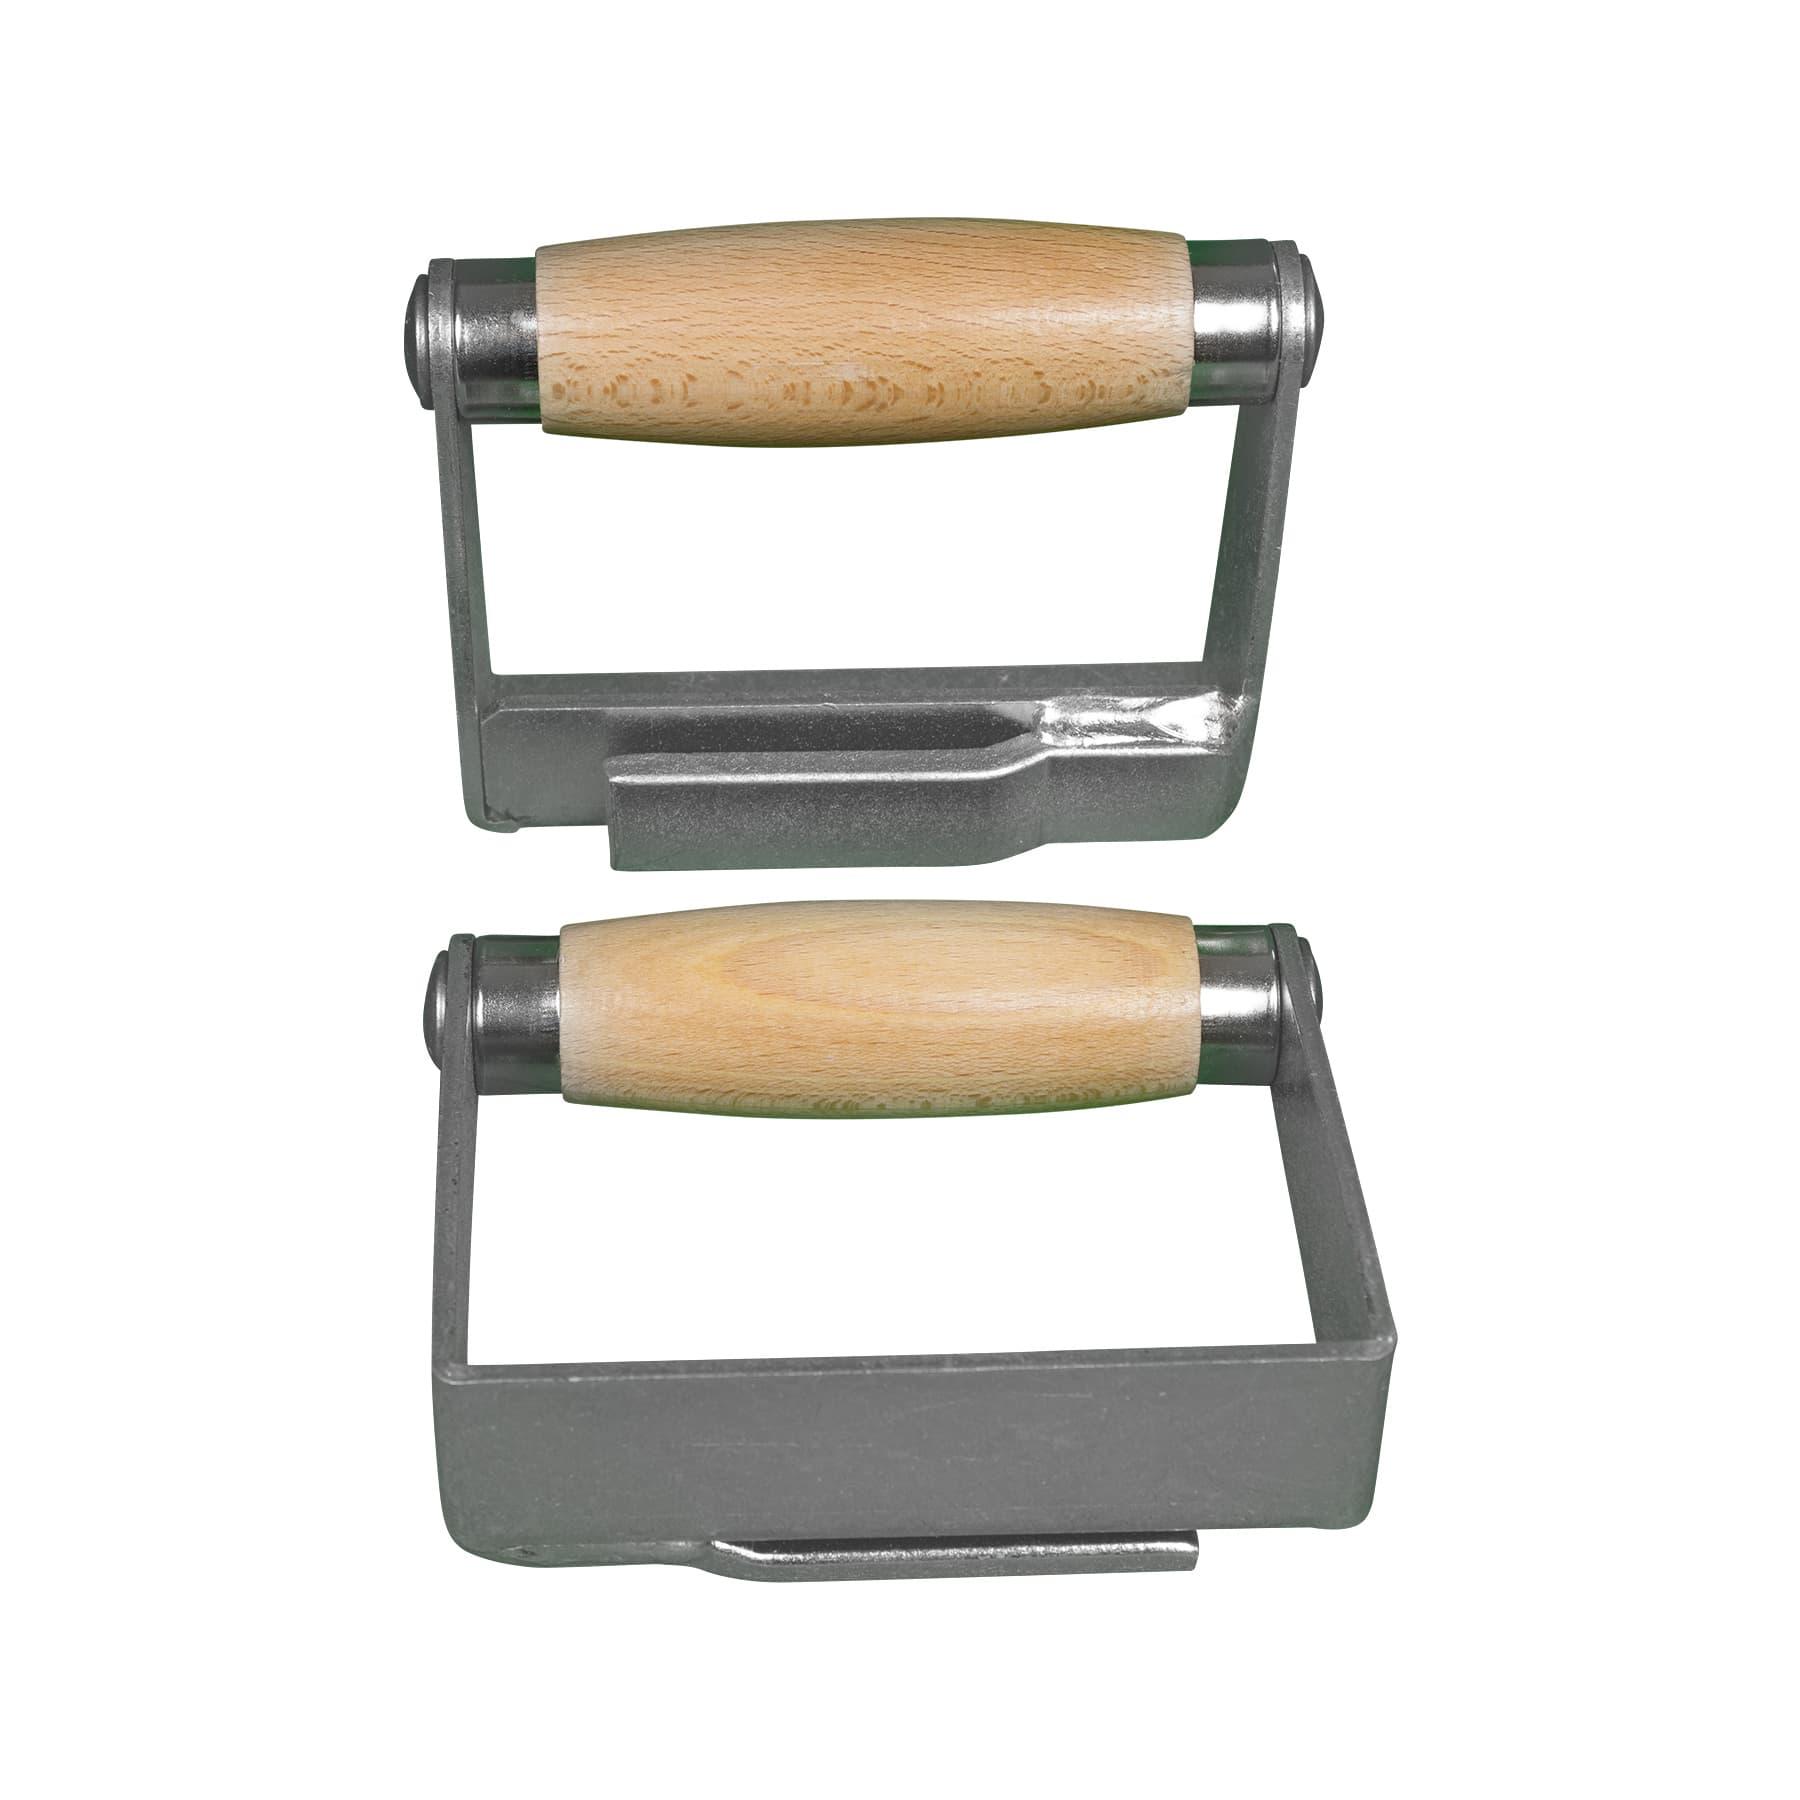 Komfort- Gurt Knebelgriffe (Paar) mit angenehmem Holz-Tragegriff zum Wandern